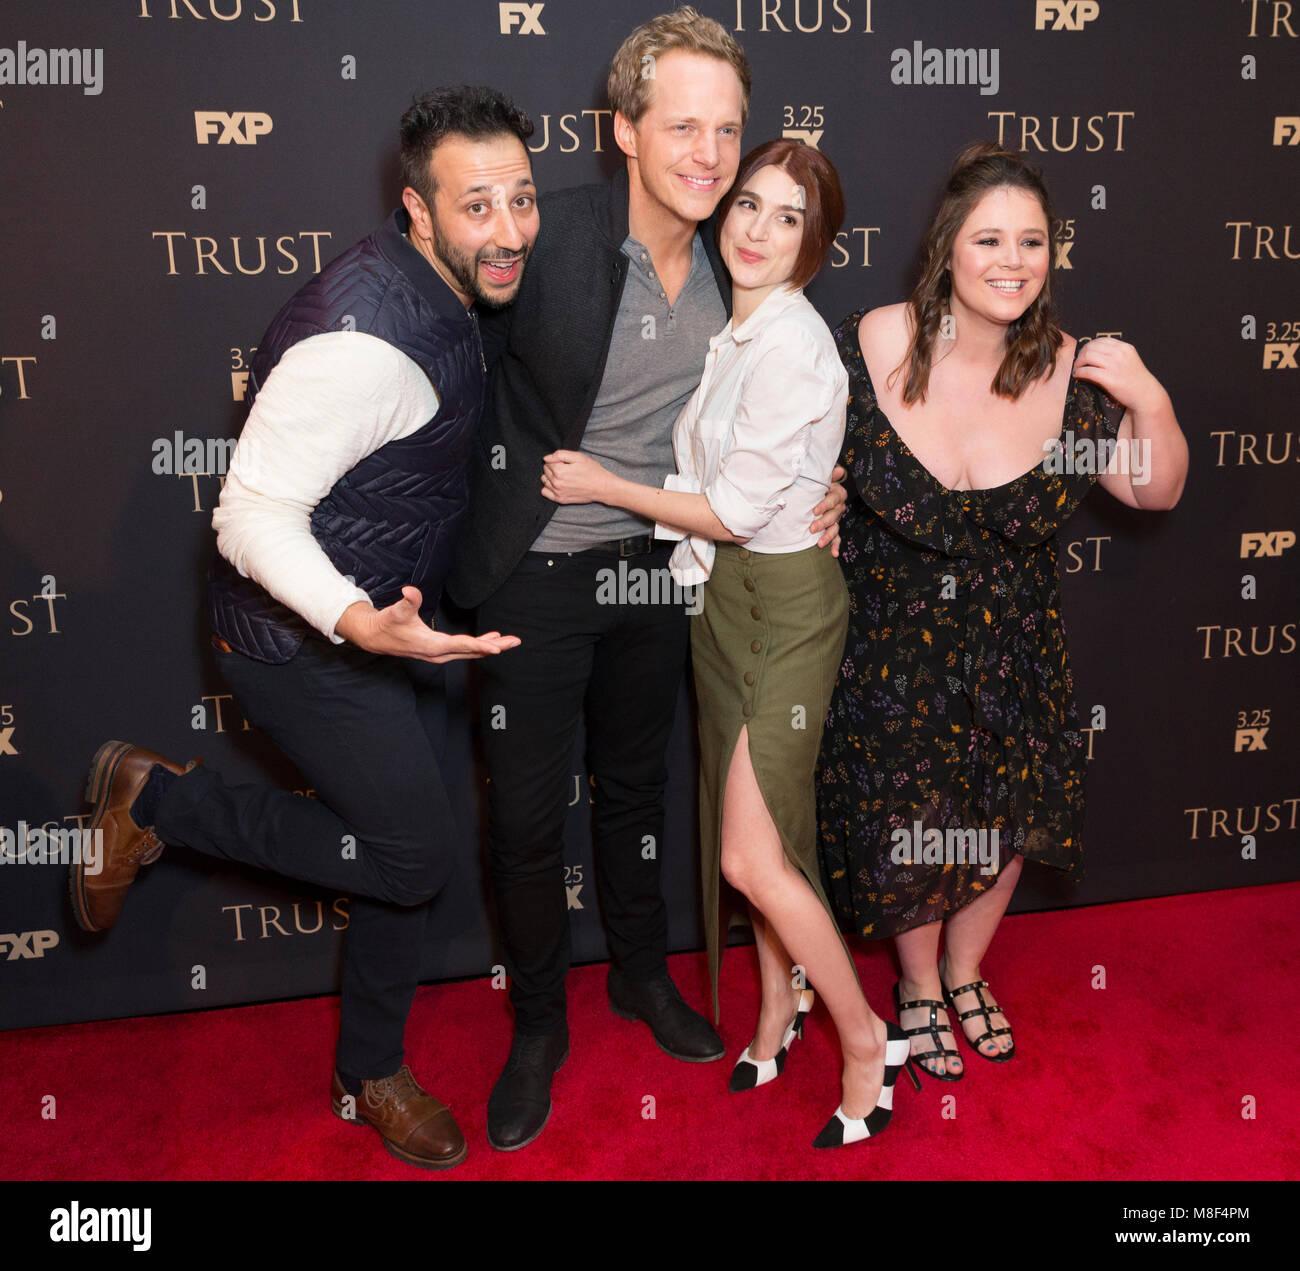 New York, NY - 15. März 2018: desmin Borges, Chris Geere, Aya Bargeld, Kether Donohue besuchen FX jährliche Stockbild